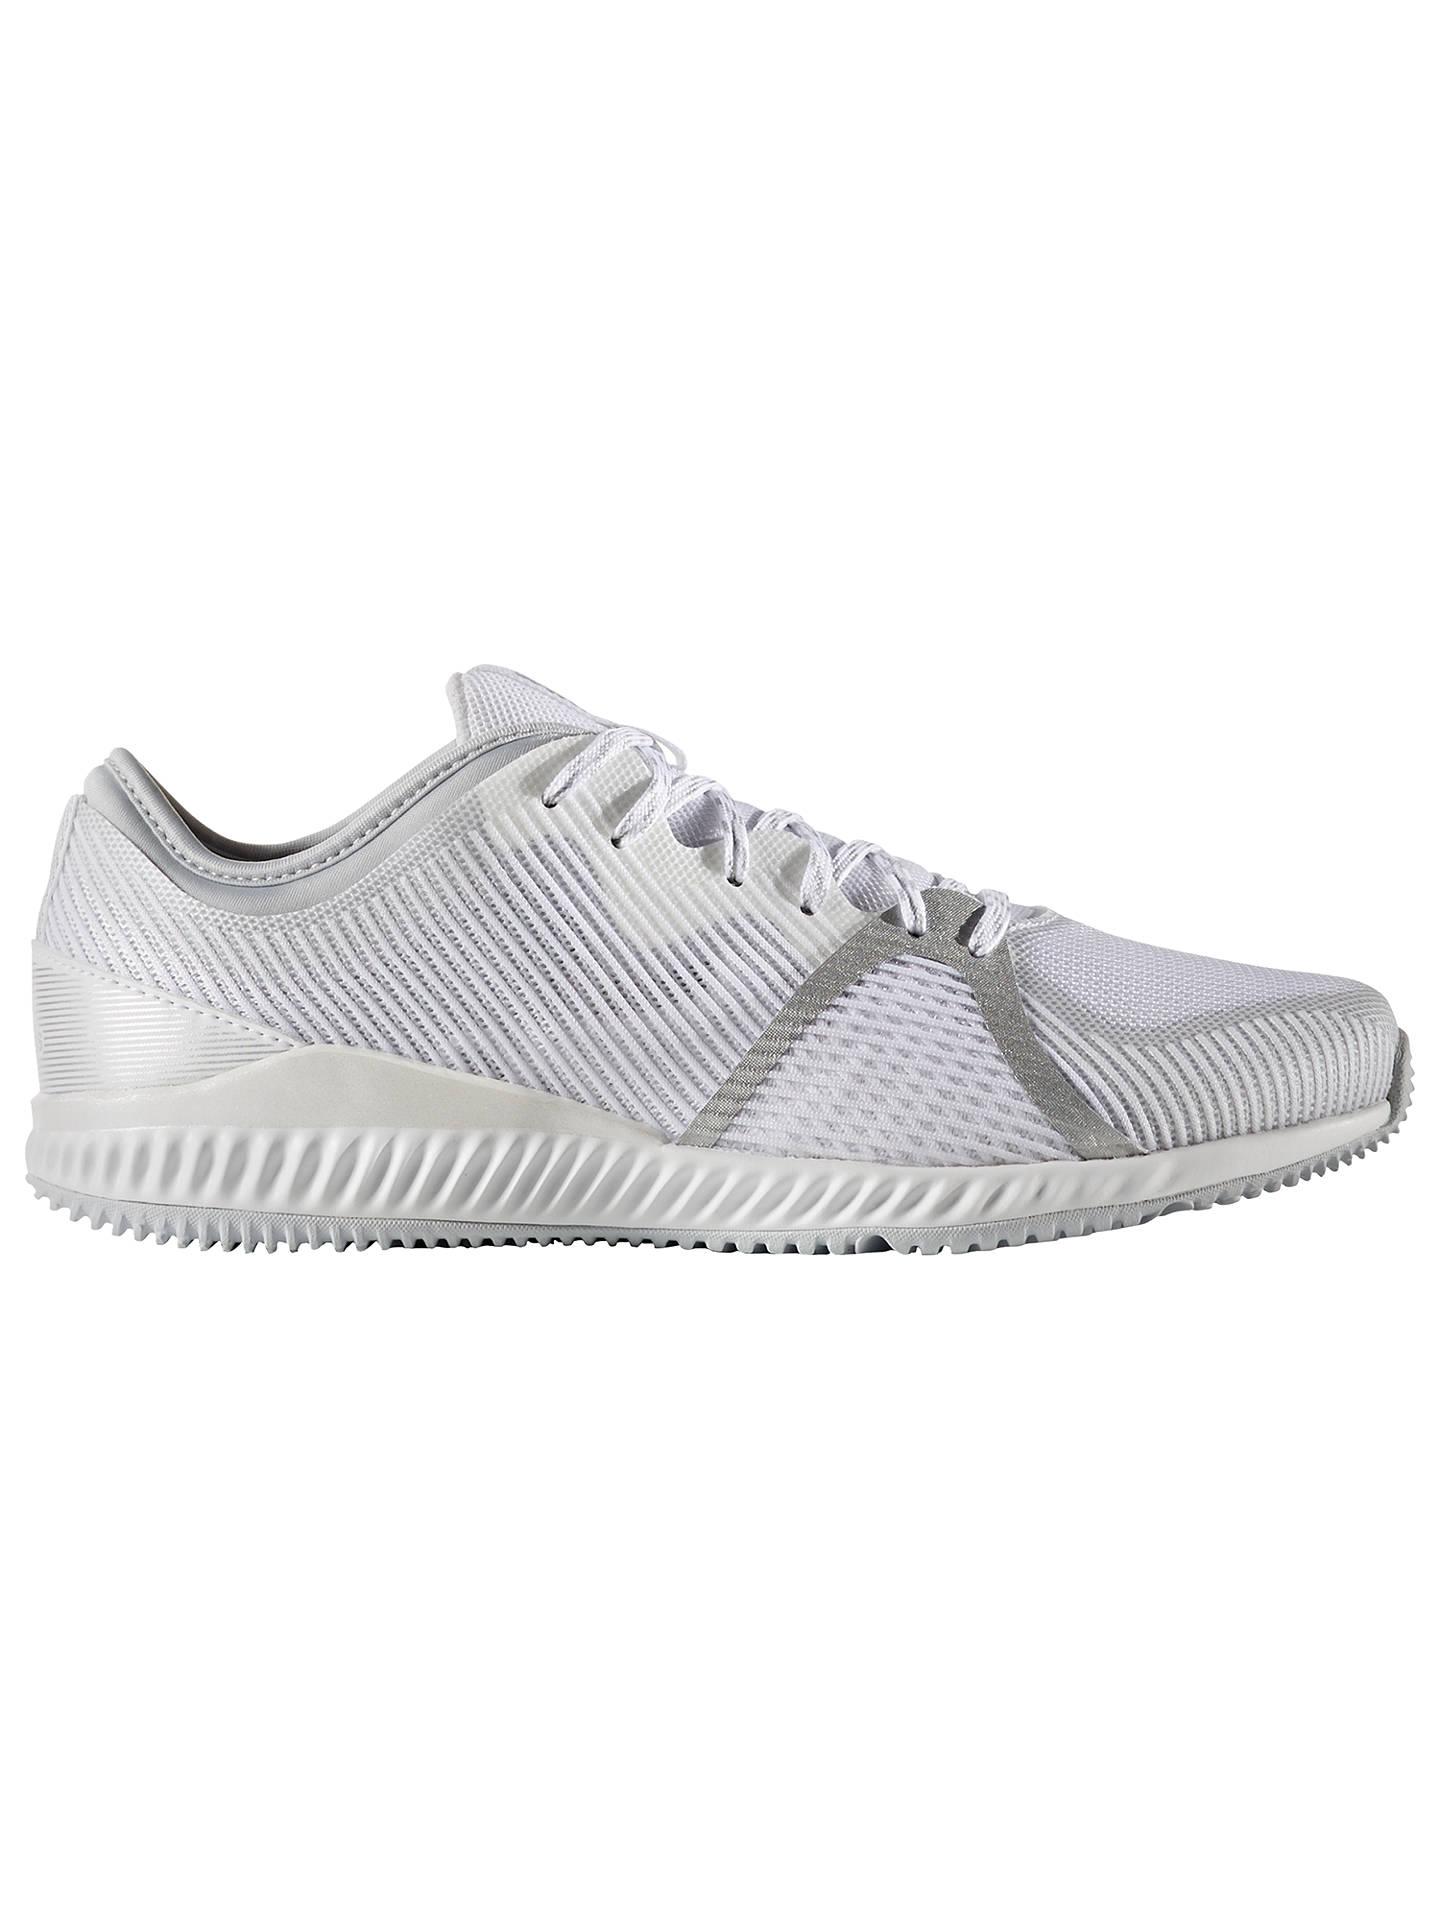 fd00728509b7e Buy Adidas CrazyTrain Bounce Women s Cross Trainers